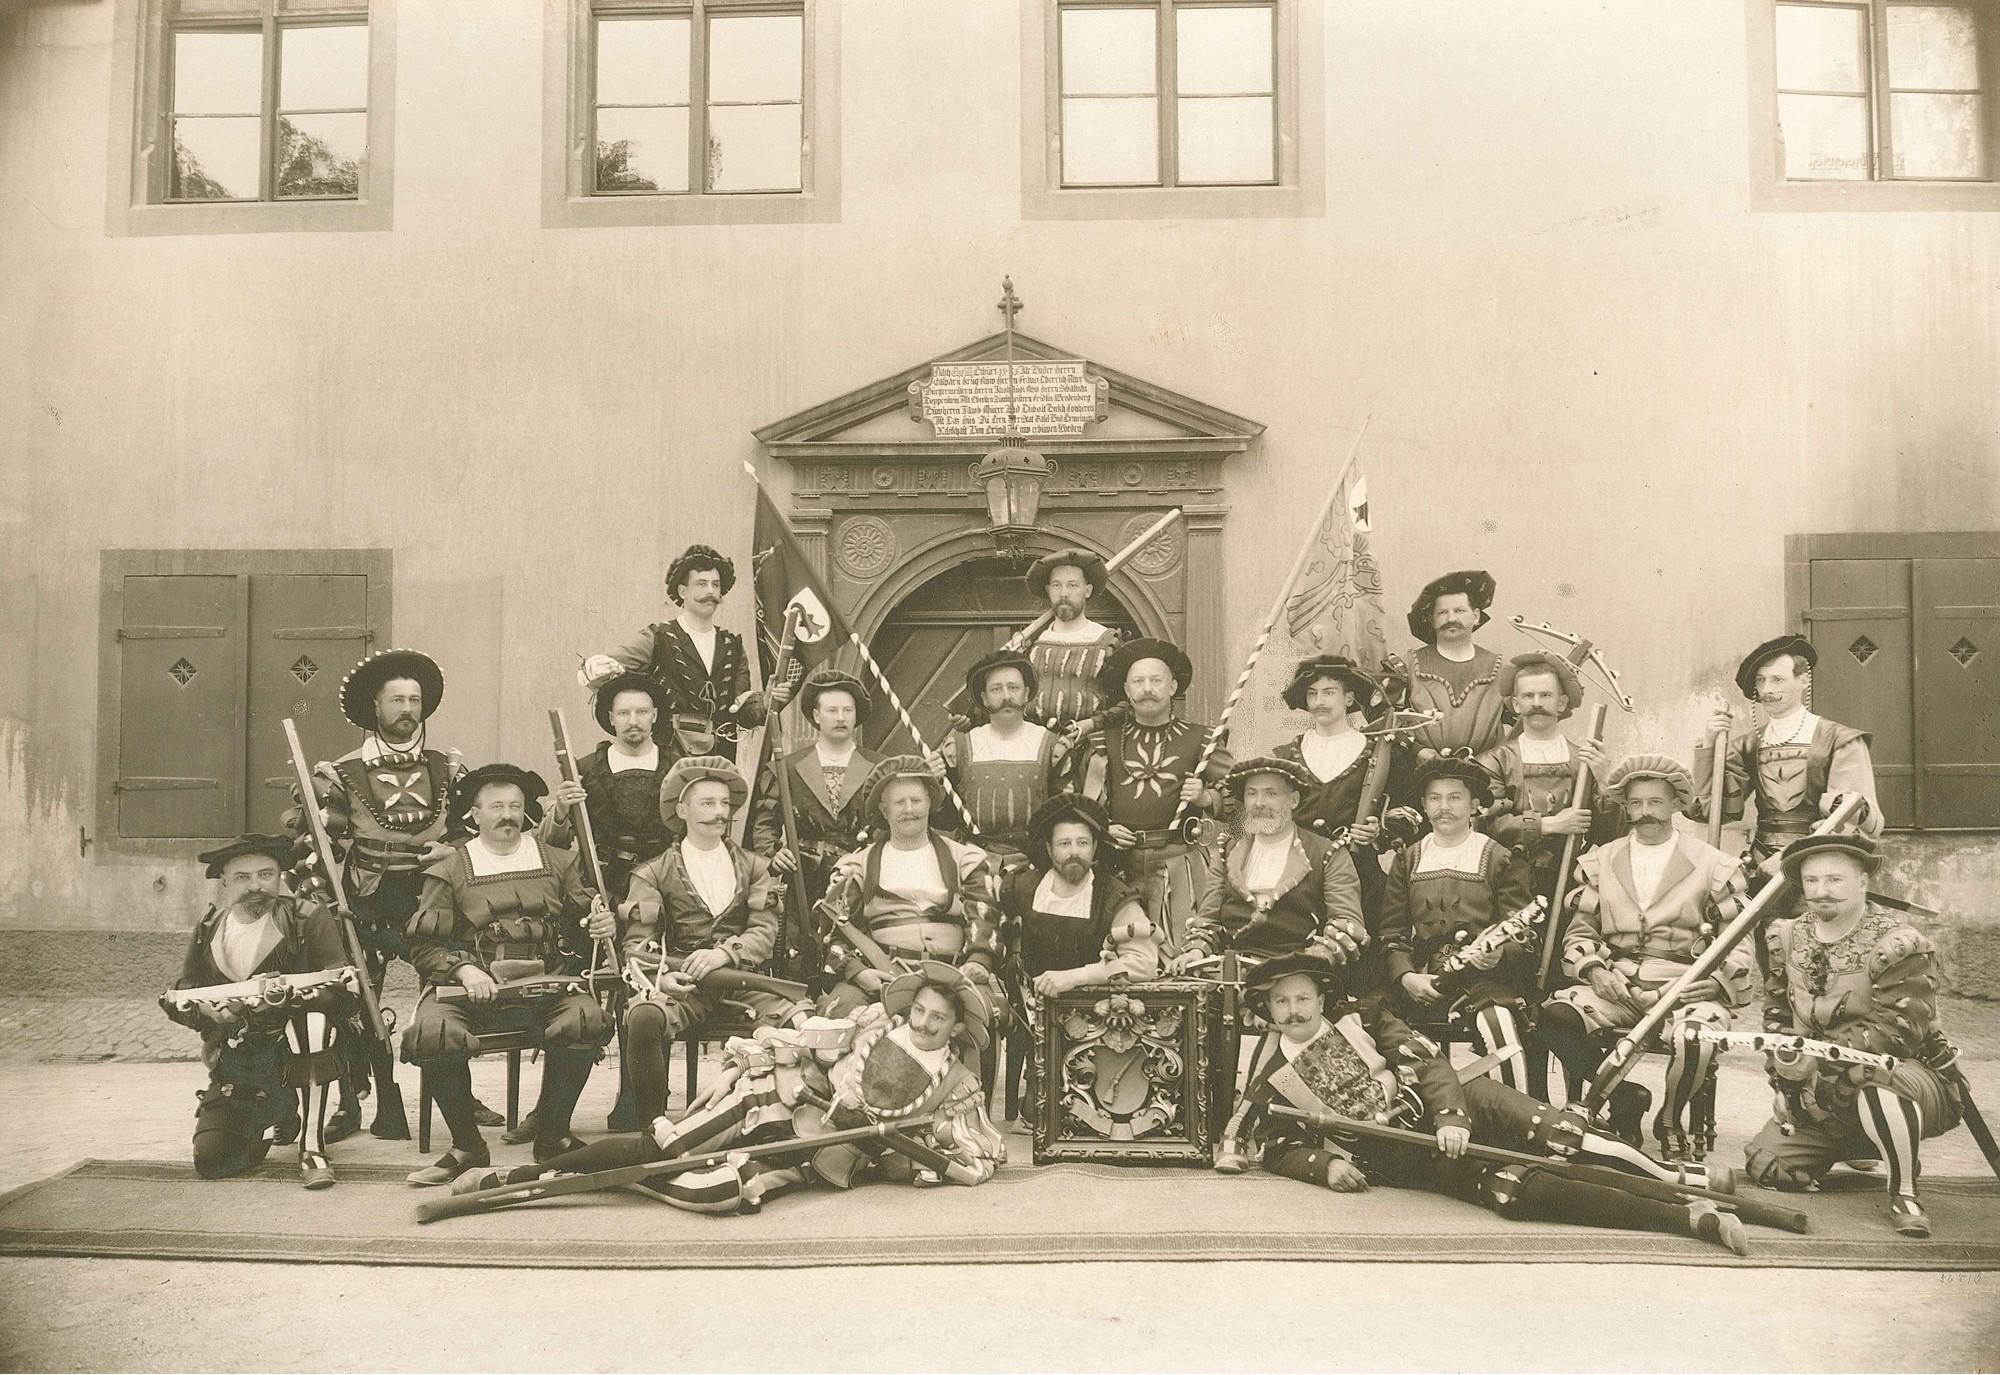 Schützenhaus mit Feuerschützen anlässlich der Bundesfeier 1901